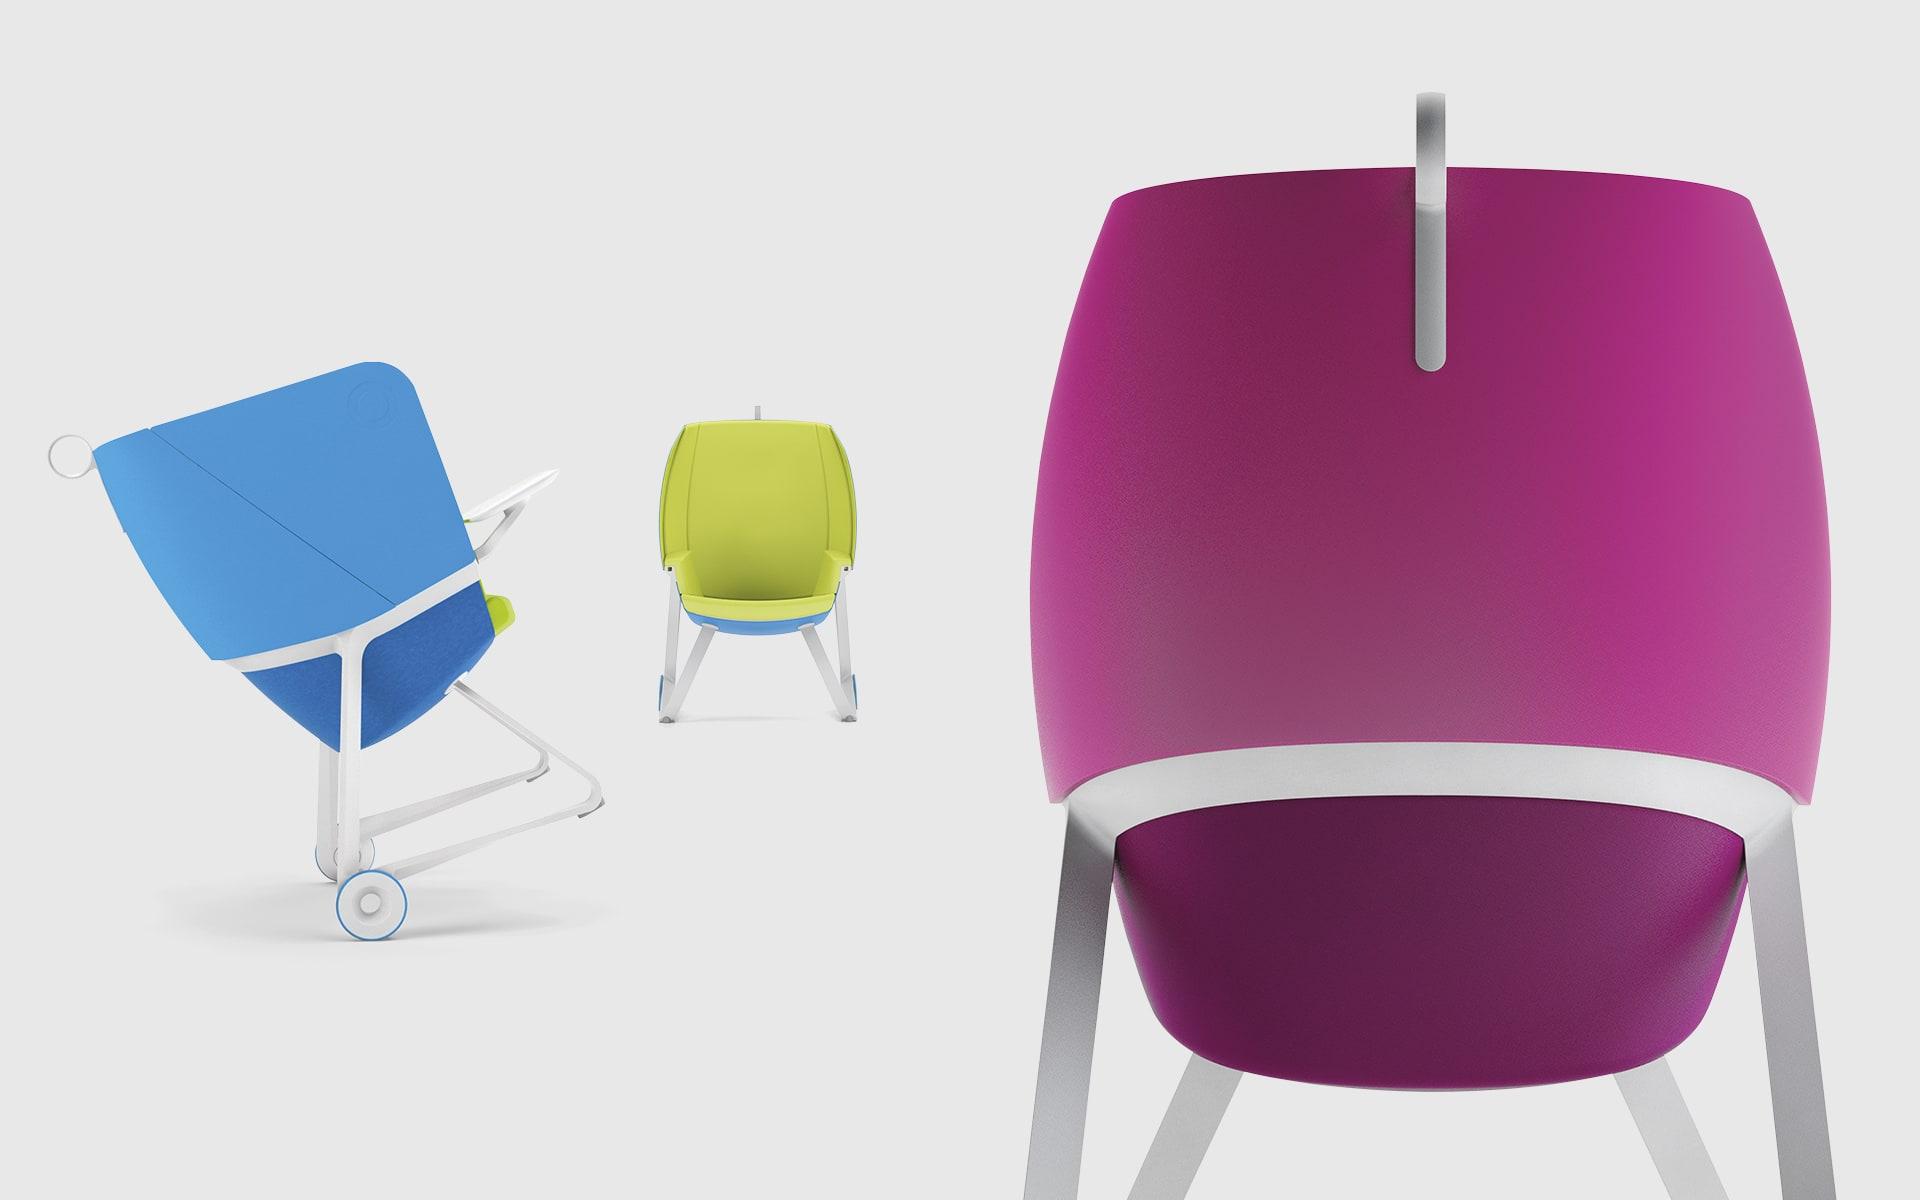 Drei BASF TeamUP Stühle von ITO Design in Hellblau, Hellgrün und Pink